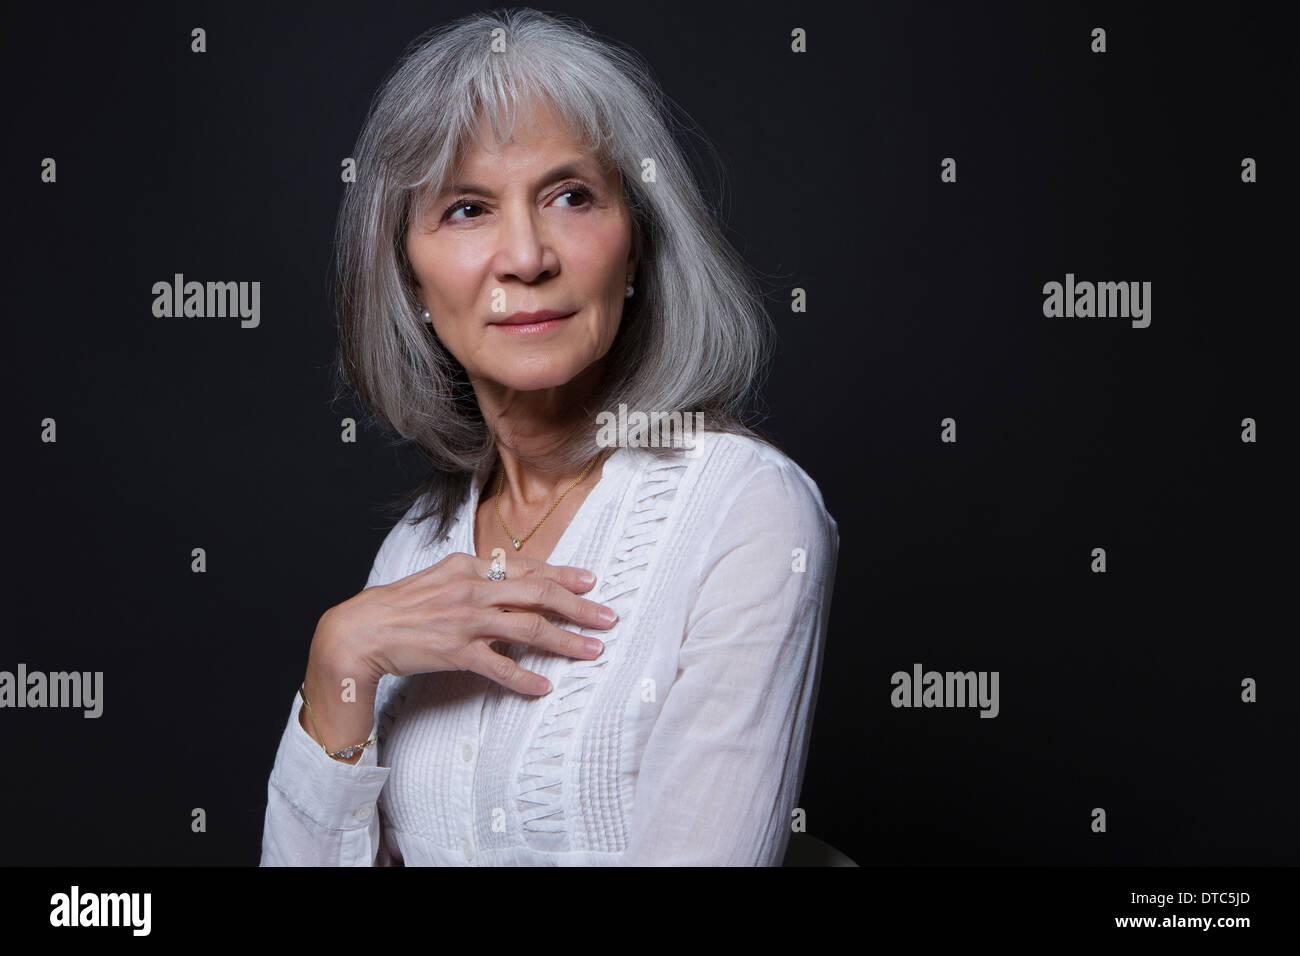 Retrato de estudio de confianza mujer senior Imagen De Stock